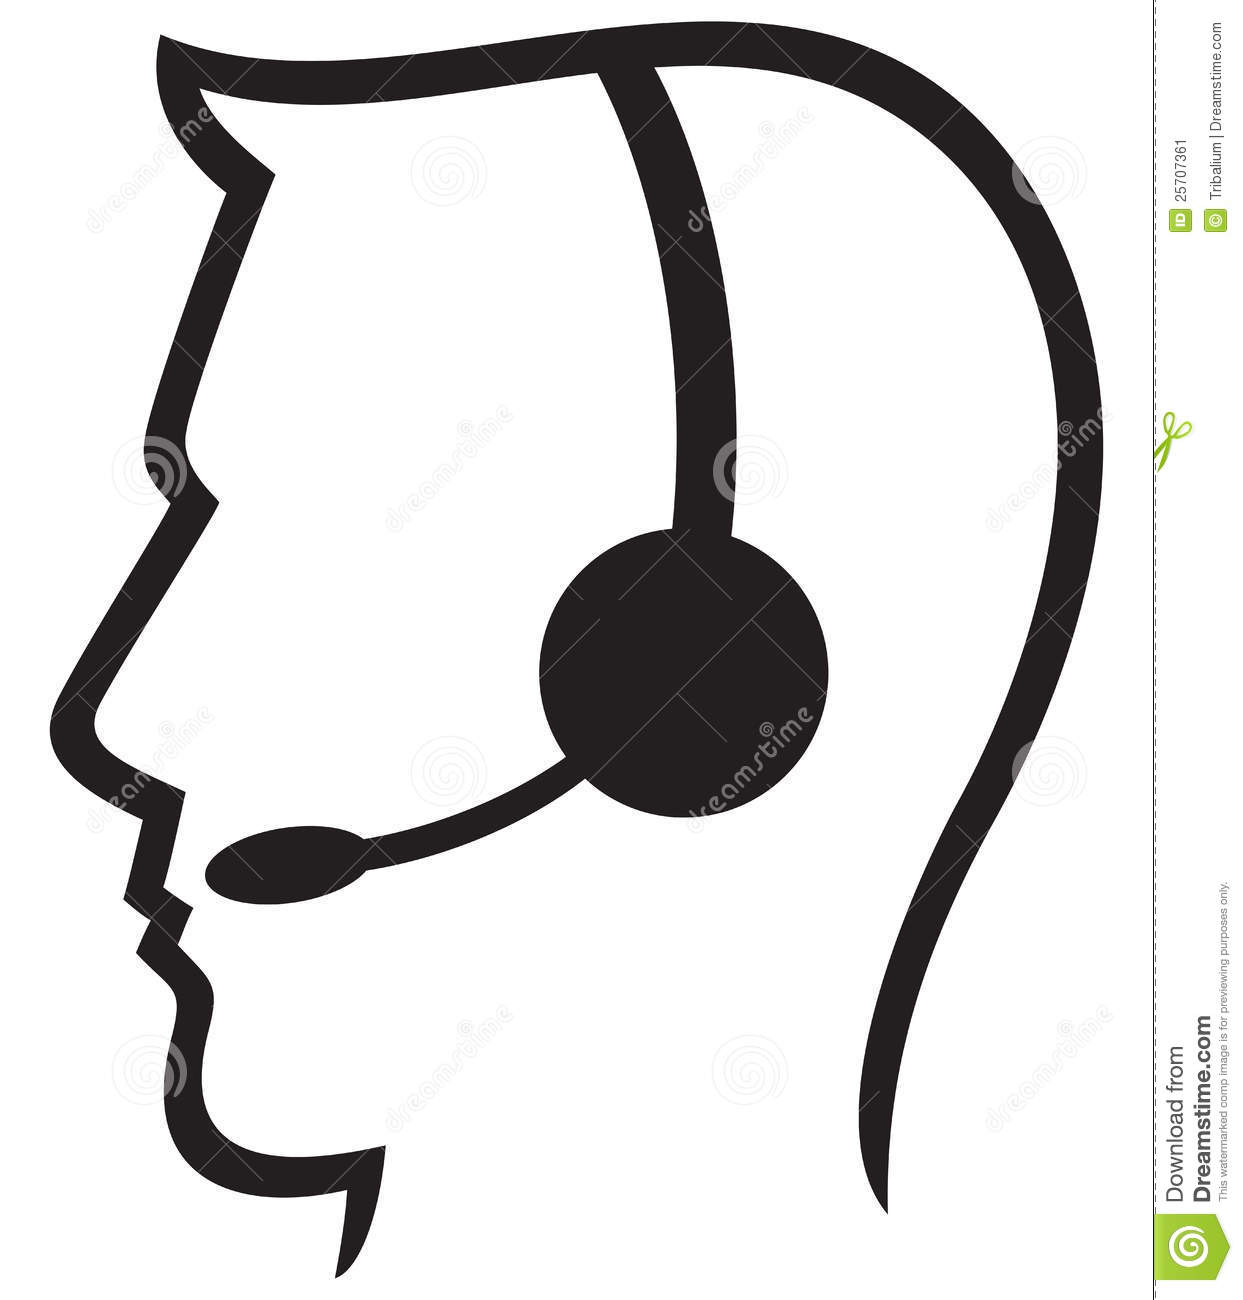 Call Center Headset Clip Art